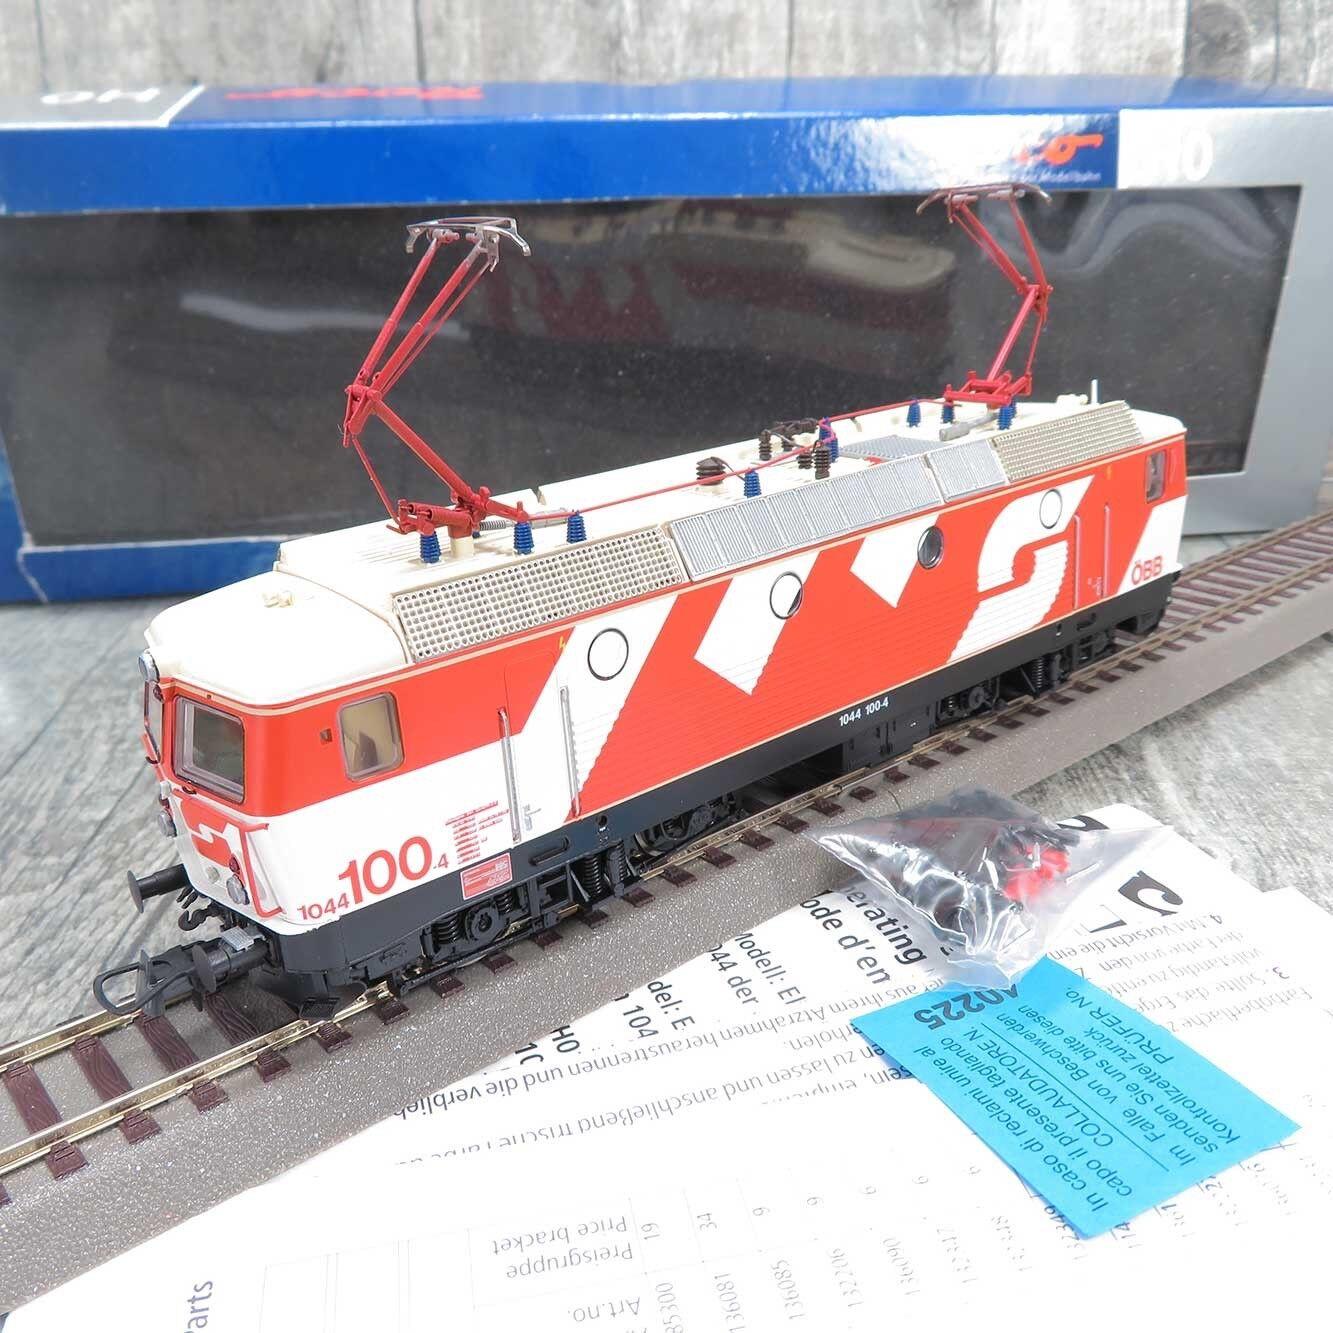 ROCO 72430 72430 72430 - HO - ÖBB - E-Lok 1044 100-4 - mit DSS - OVP -  B20946 3a70a5